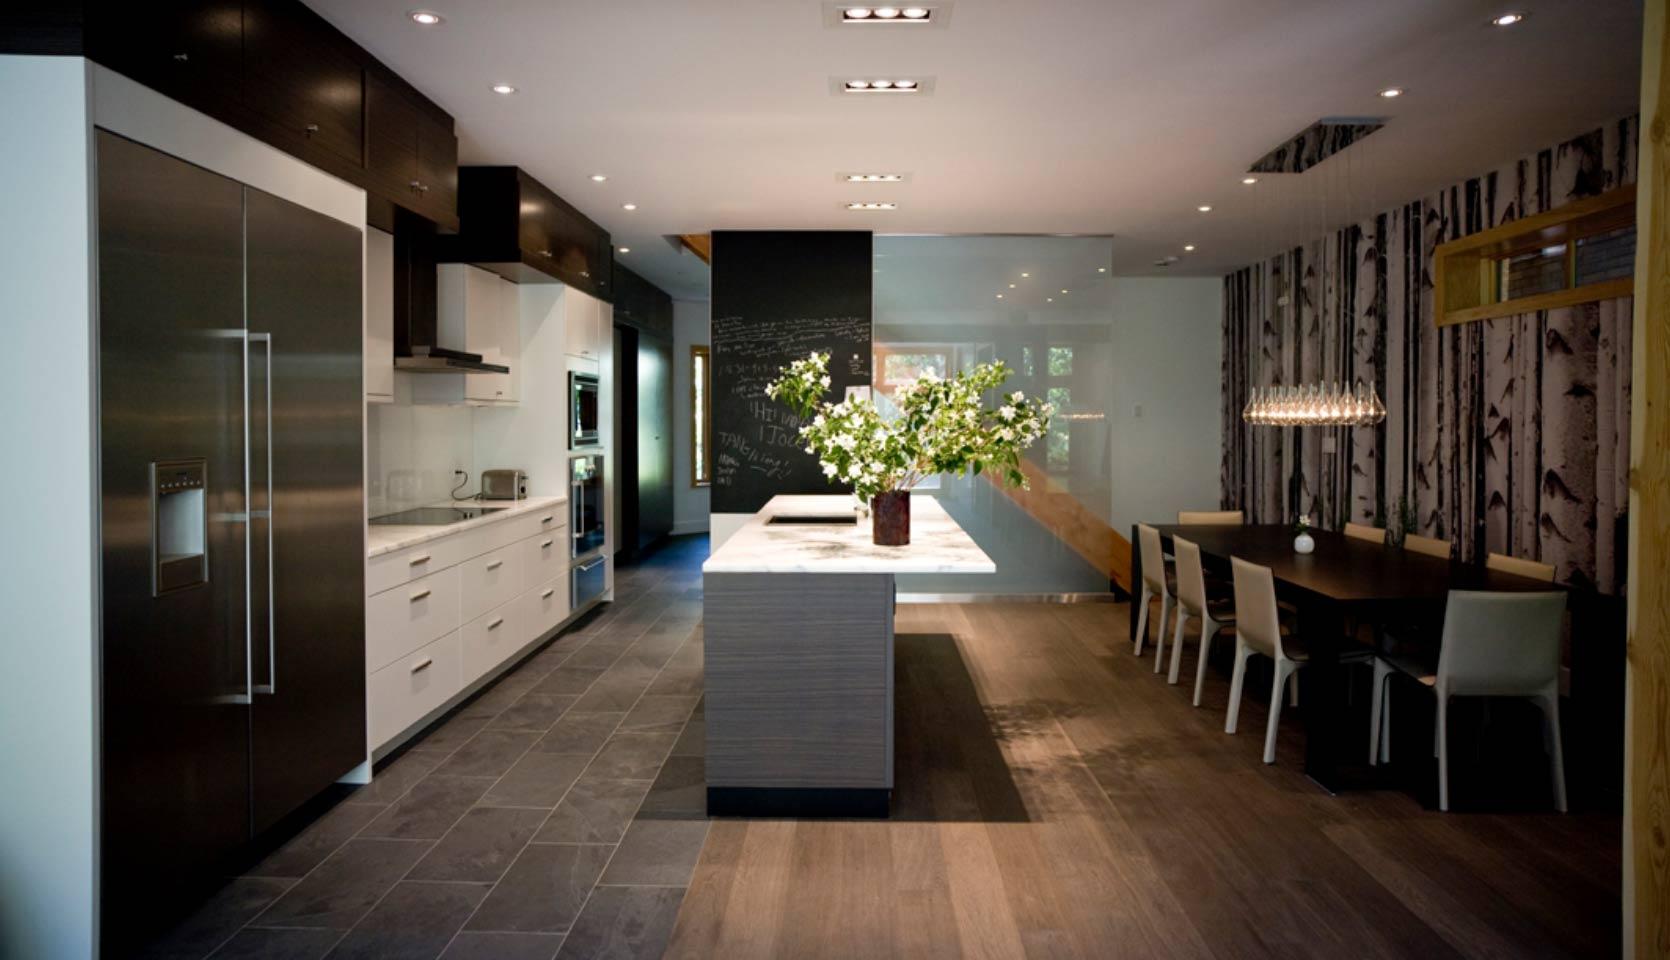 severnwoods-roxborough-house-kitchen